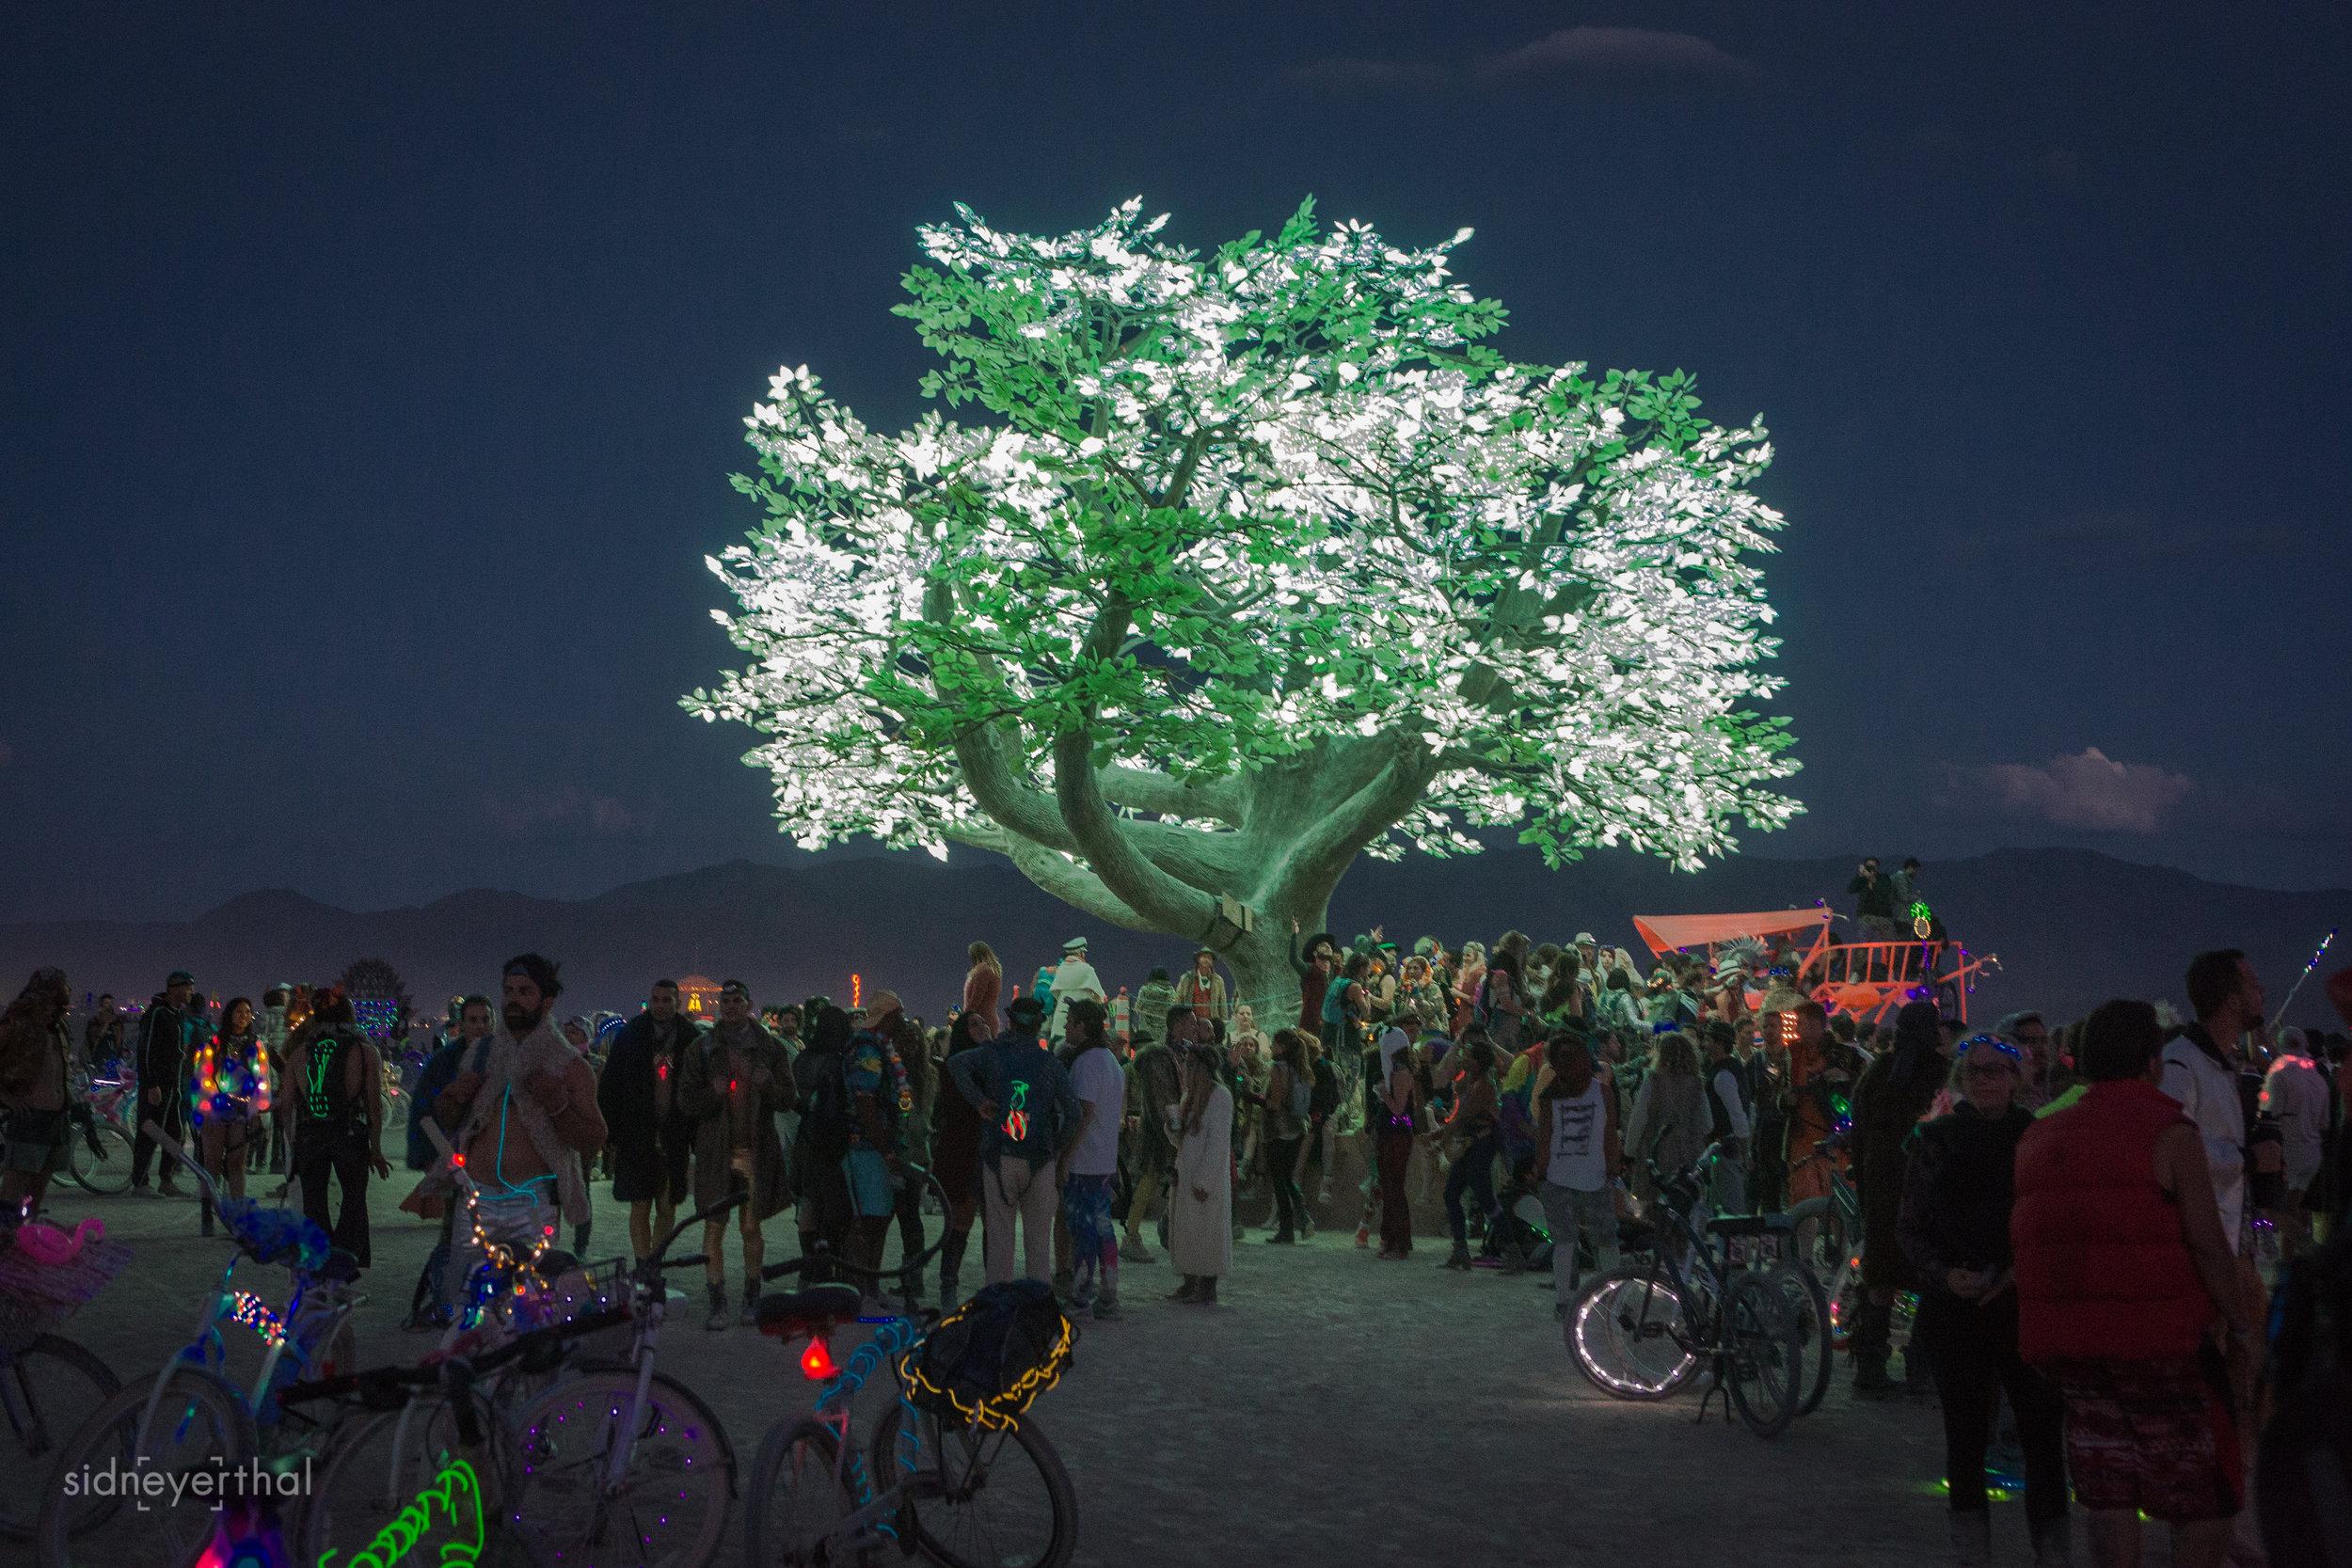 TreeofTenere Sidney Erthal.jpg